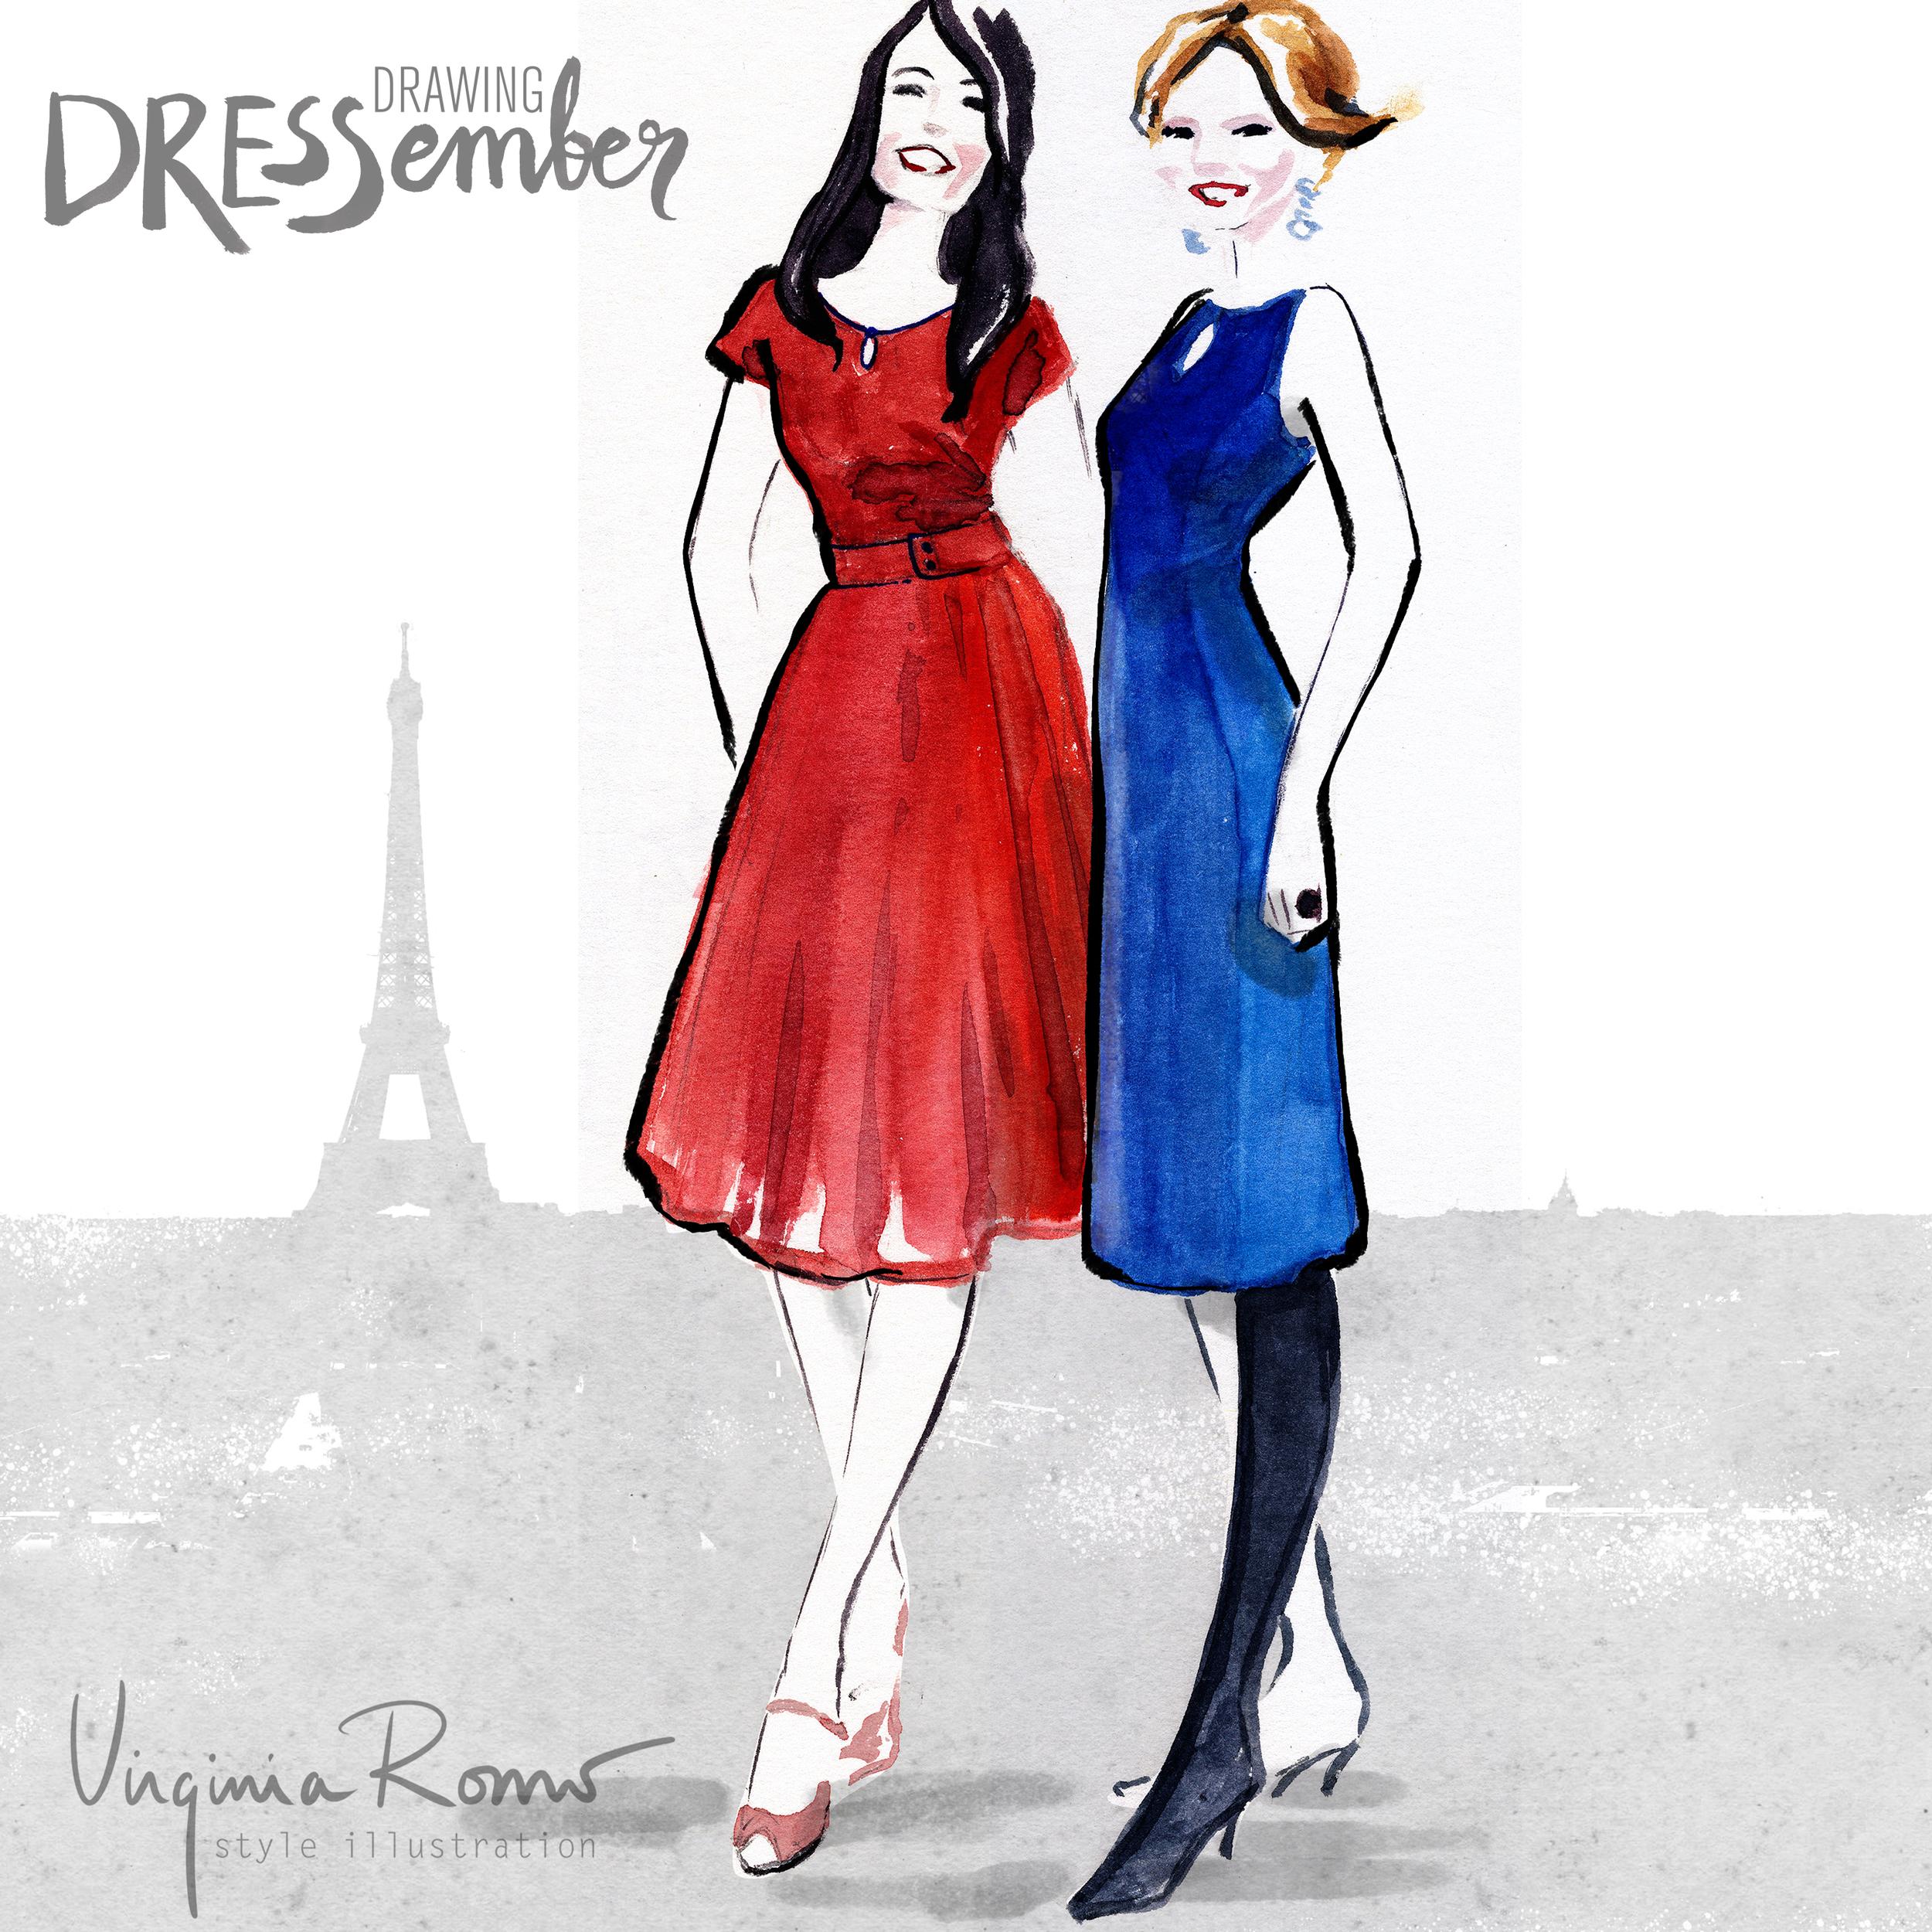 dressember-VirginiaRomoIllustration-19-Julie-Manue-IG.jpg